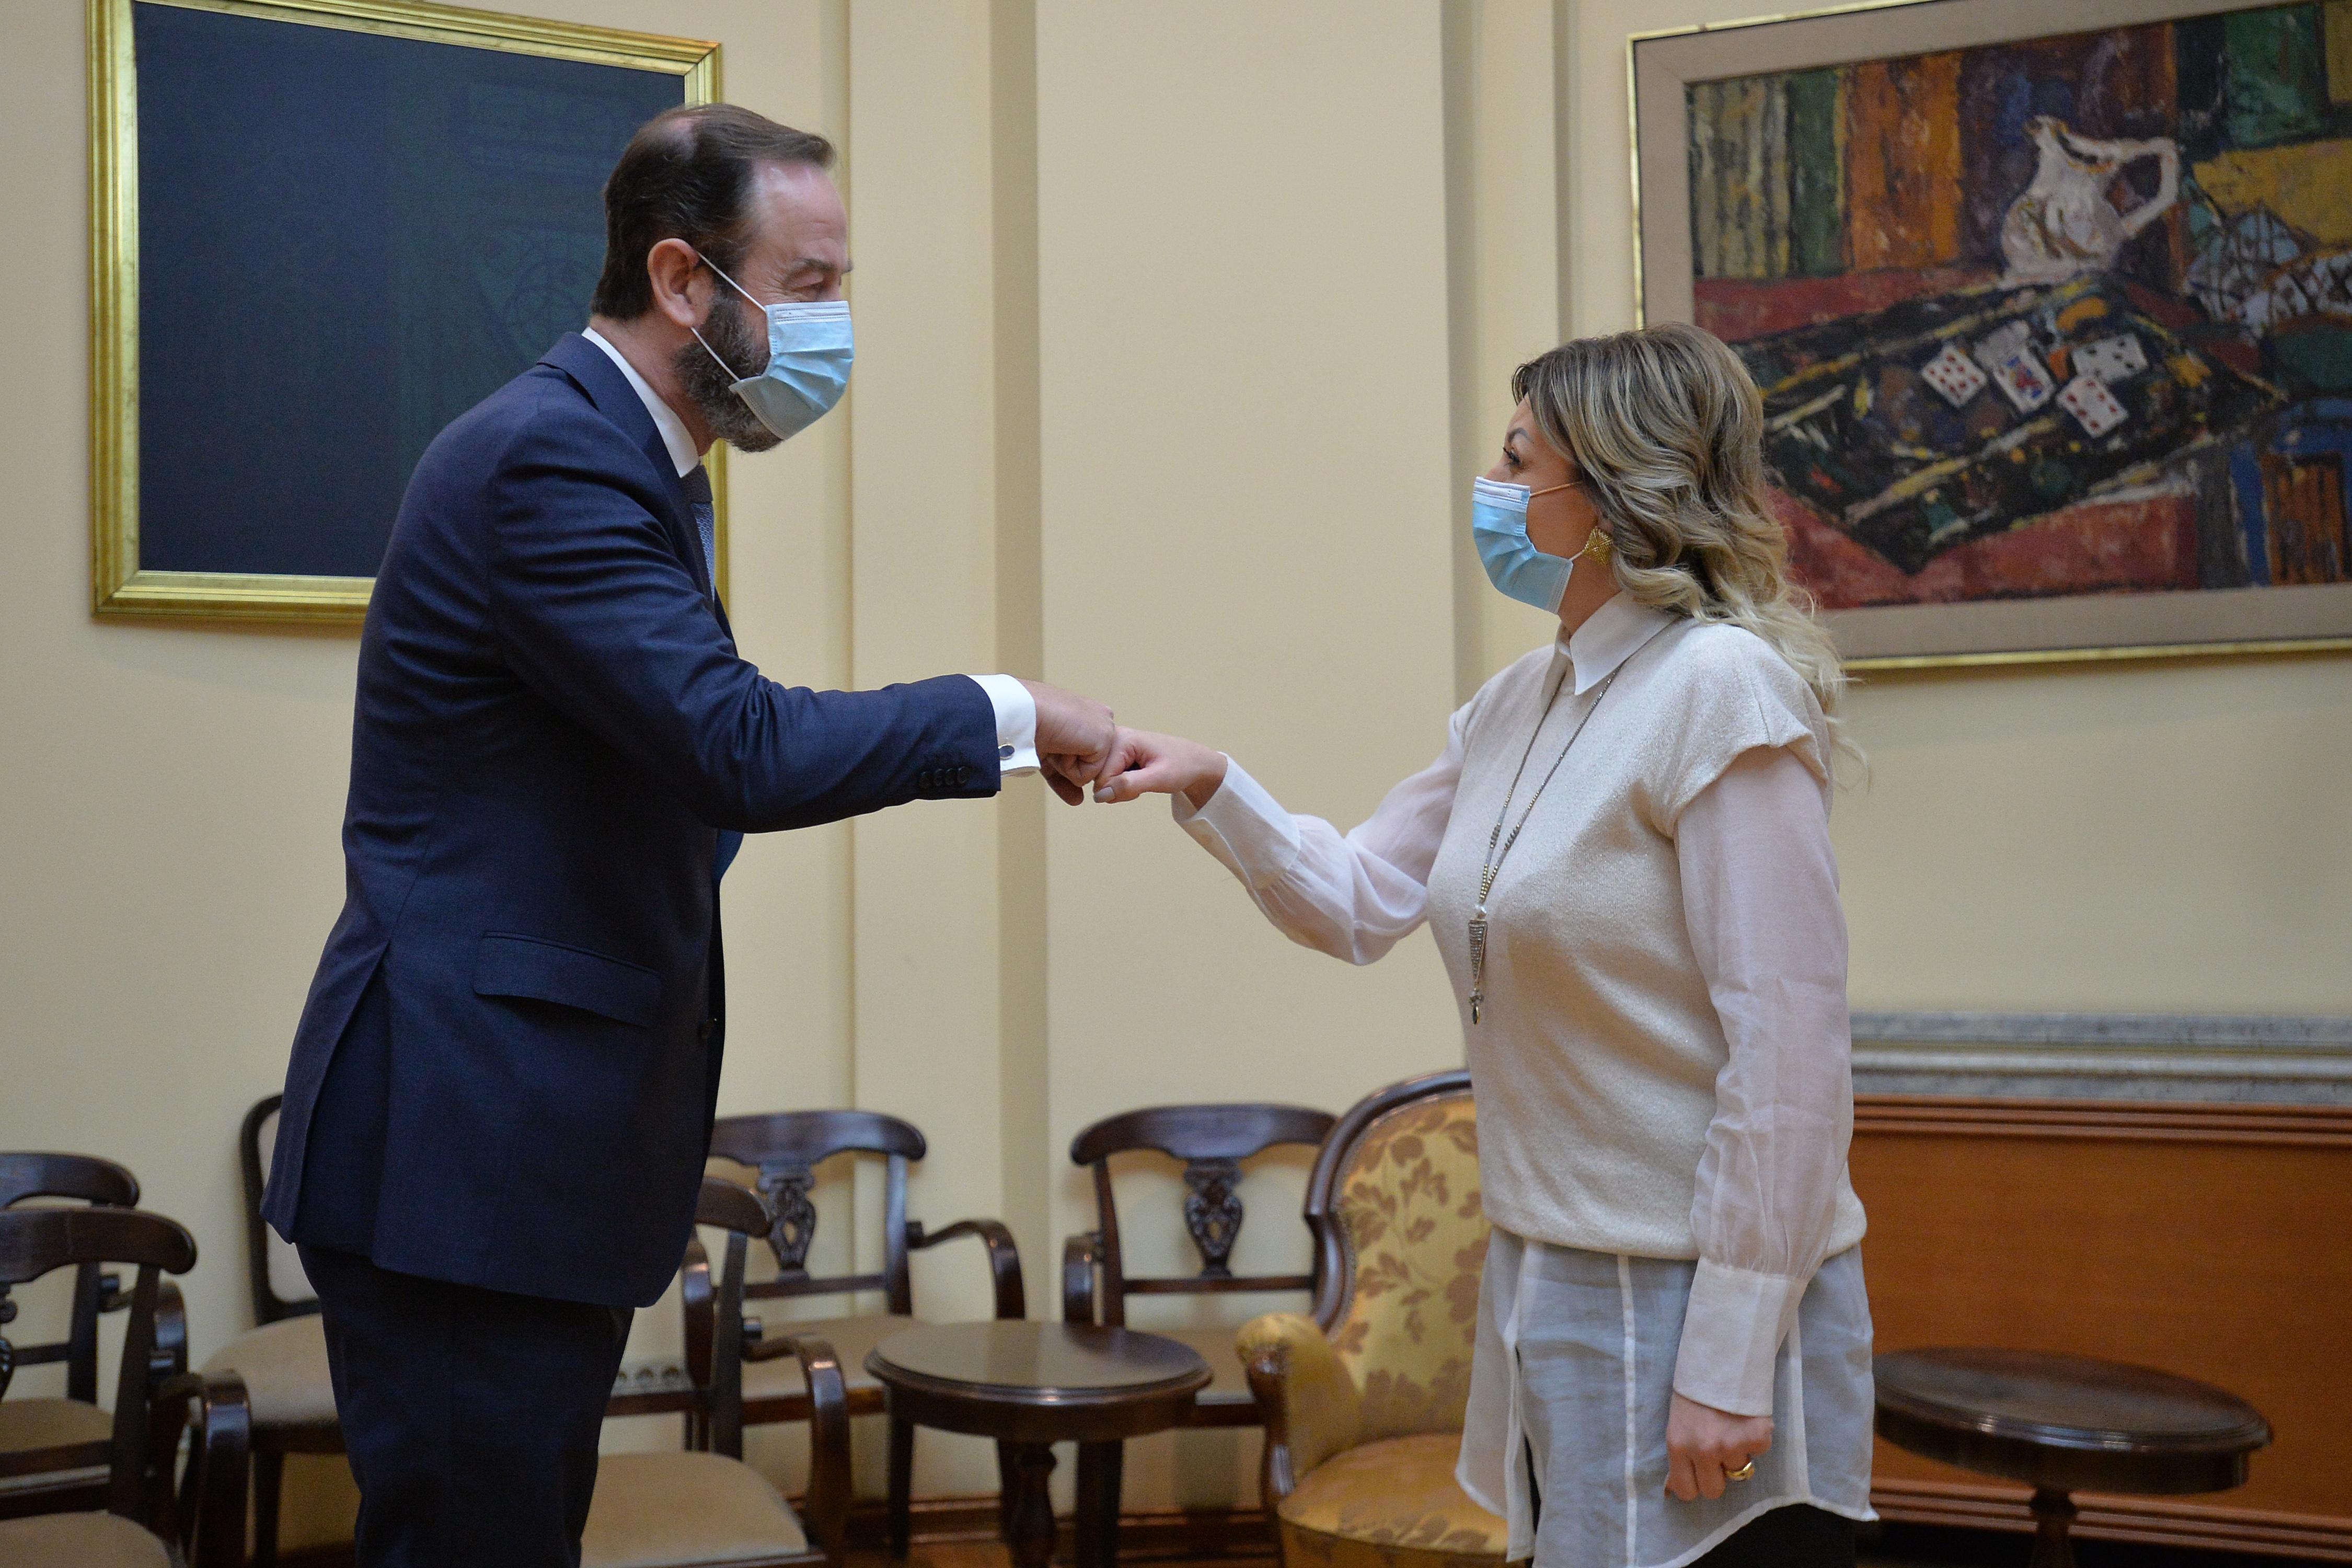 Ј. Јоксимовић: Кластер владавине права најважнији за напредак